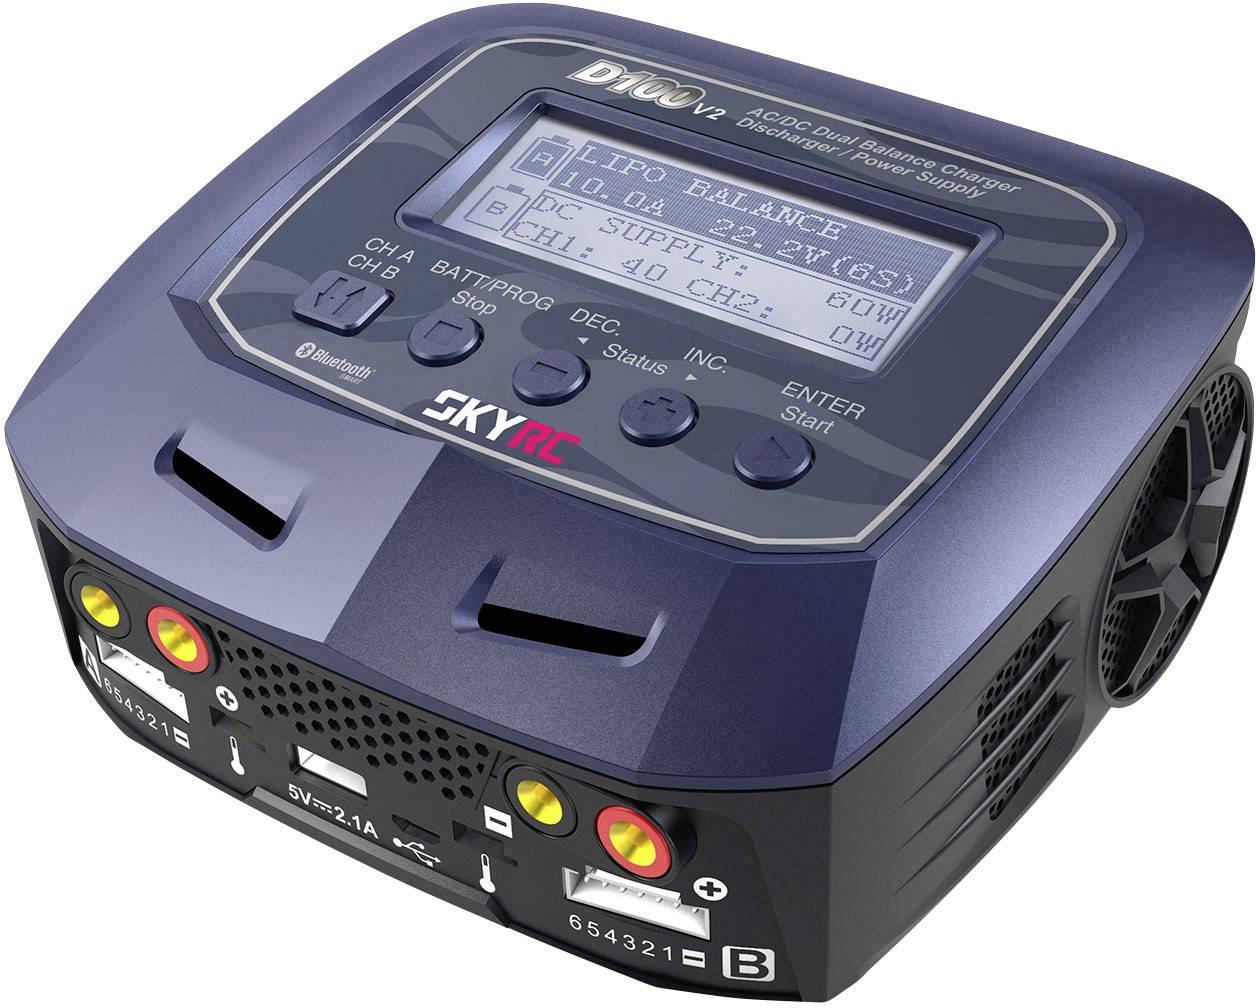 Caricabatterie multifunzione per modellismo 10 A SKYRC D100 V2 LiPo, LiFePO, LiIon, LiHV, NiMH, NiCd, Piombo